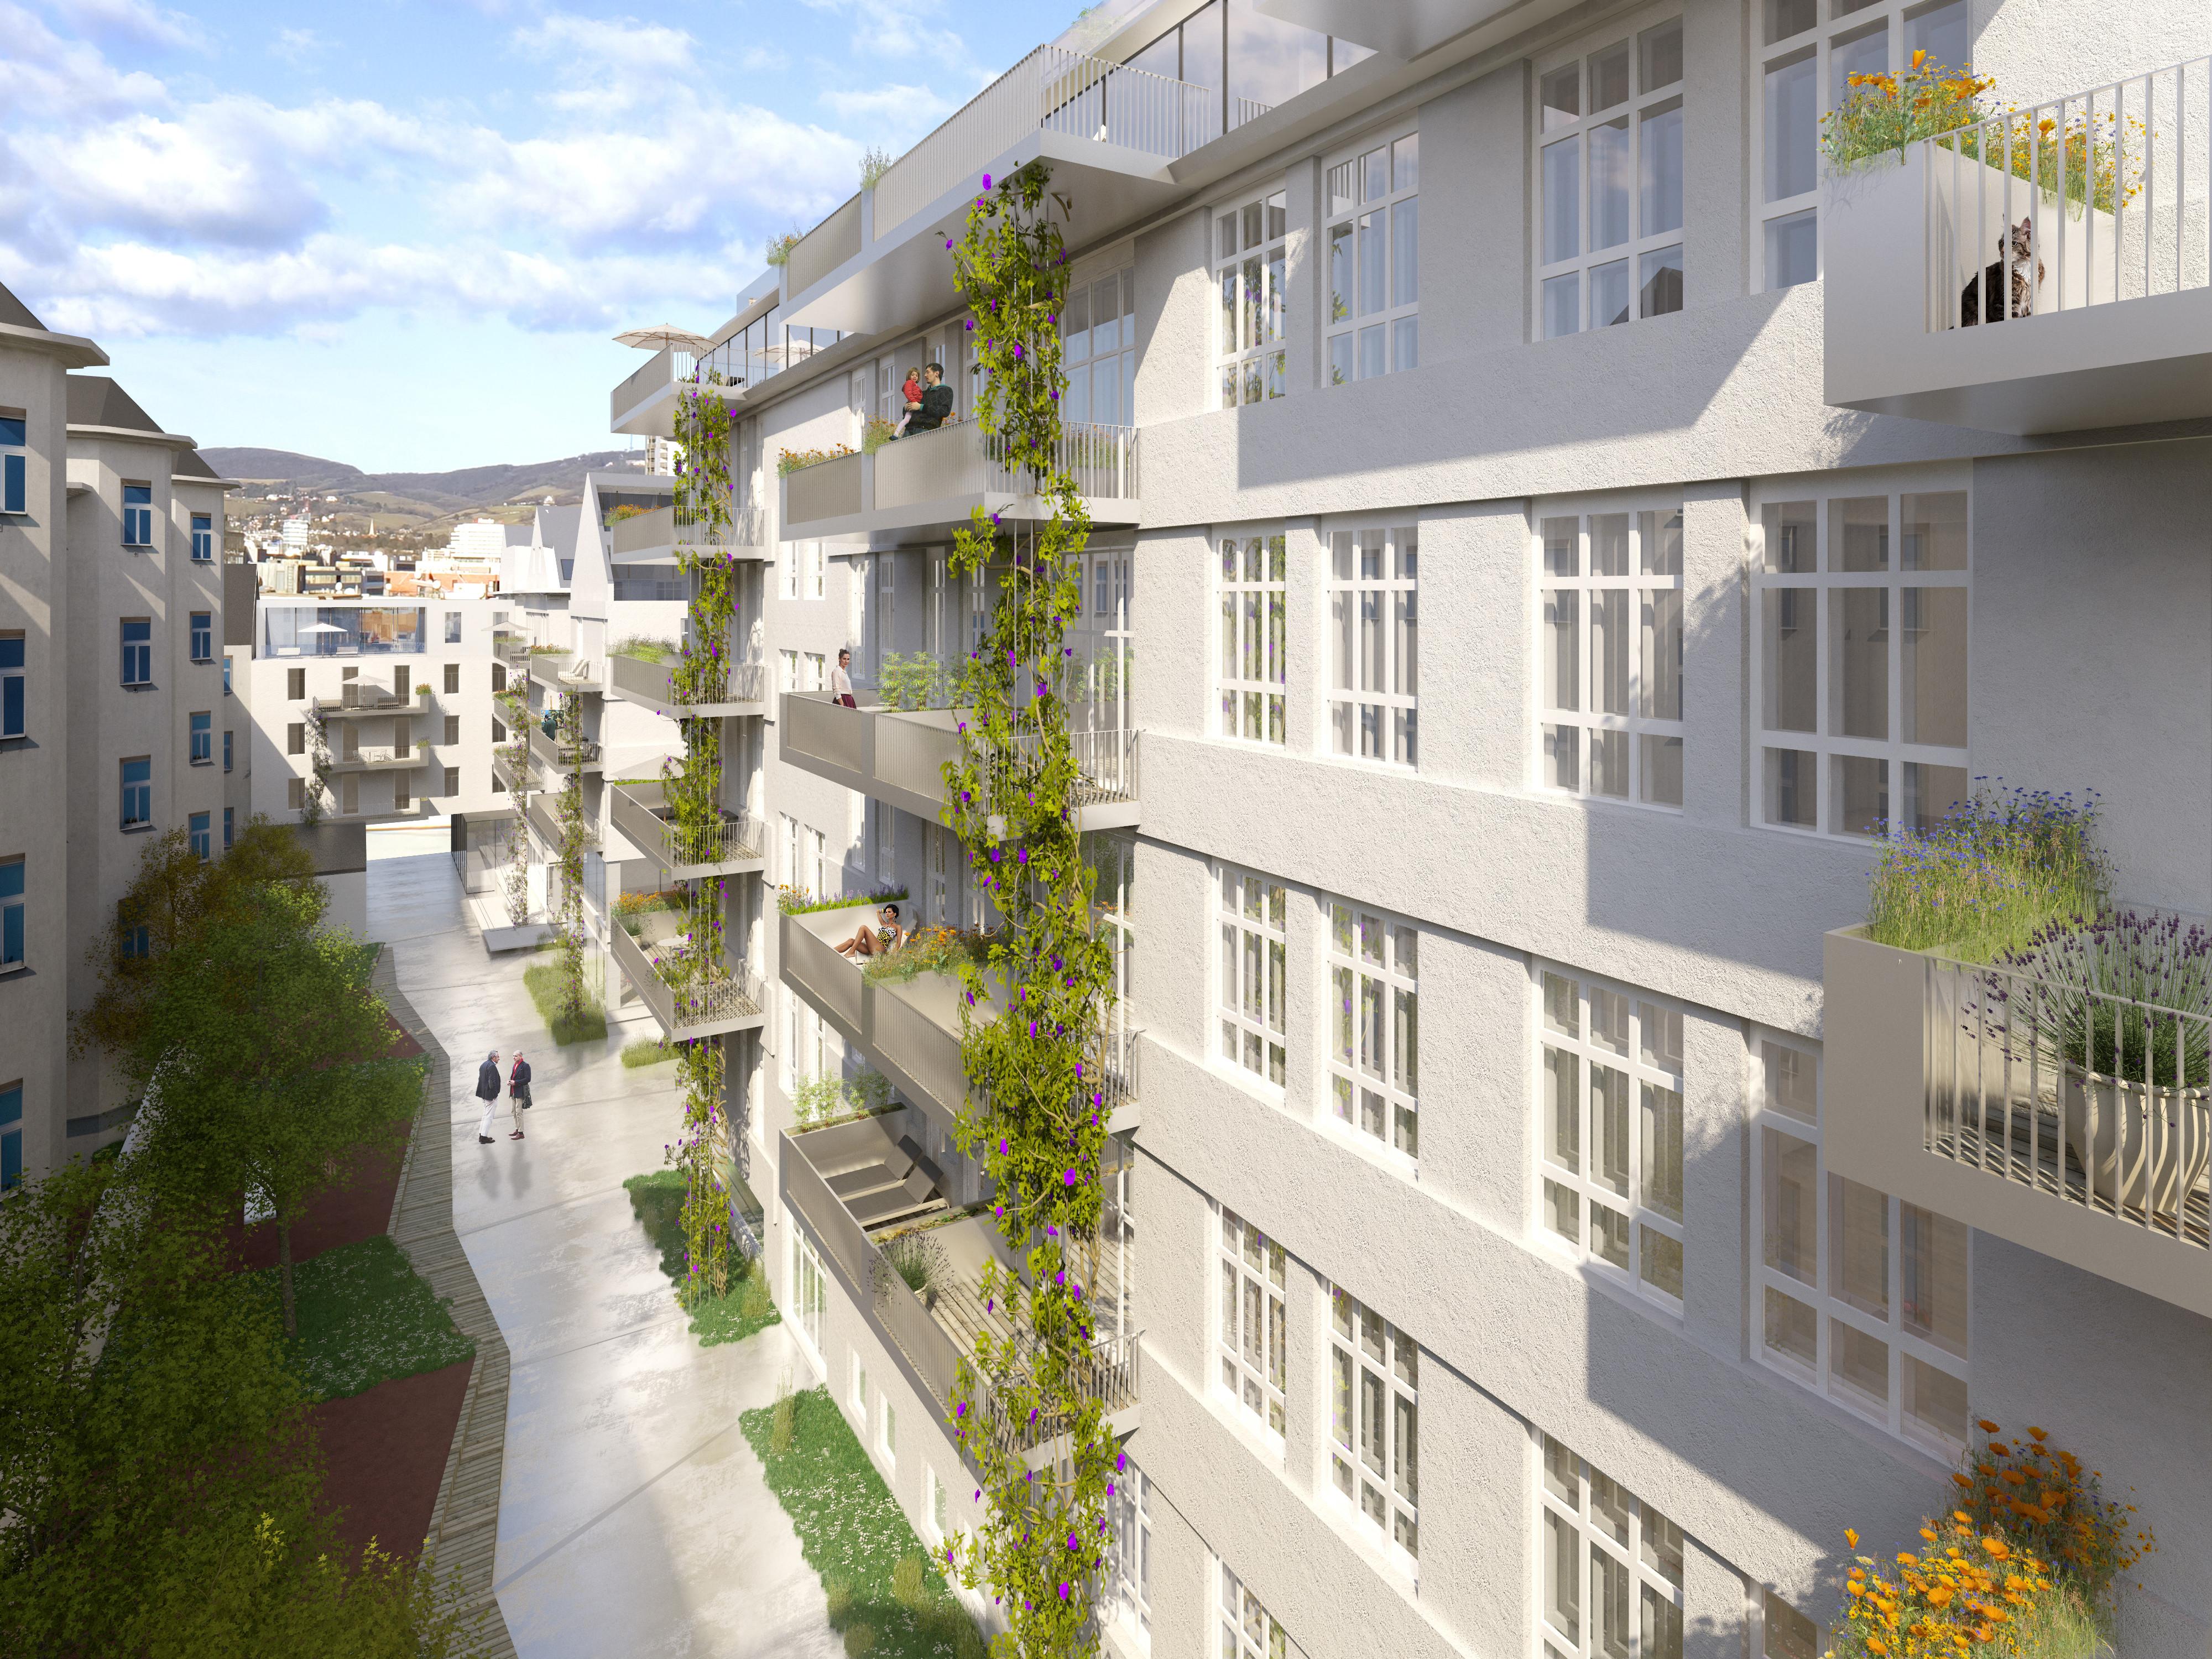 <p>© RUNSER / PRANTL architekten, Siebenbrunnengasse Gutachterverfahren , 1050 Wien, Österreich, Wettbewerb, 2015, Wohnhaus, Bürohaus</p>